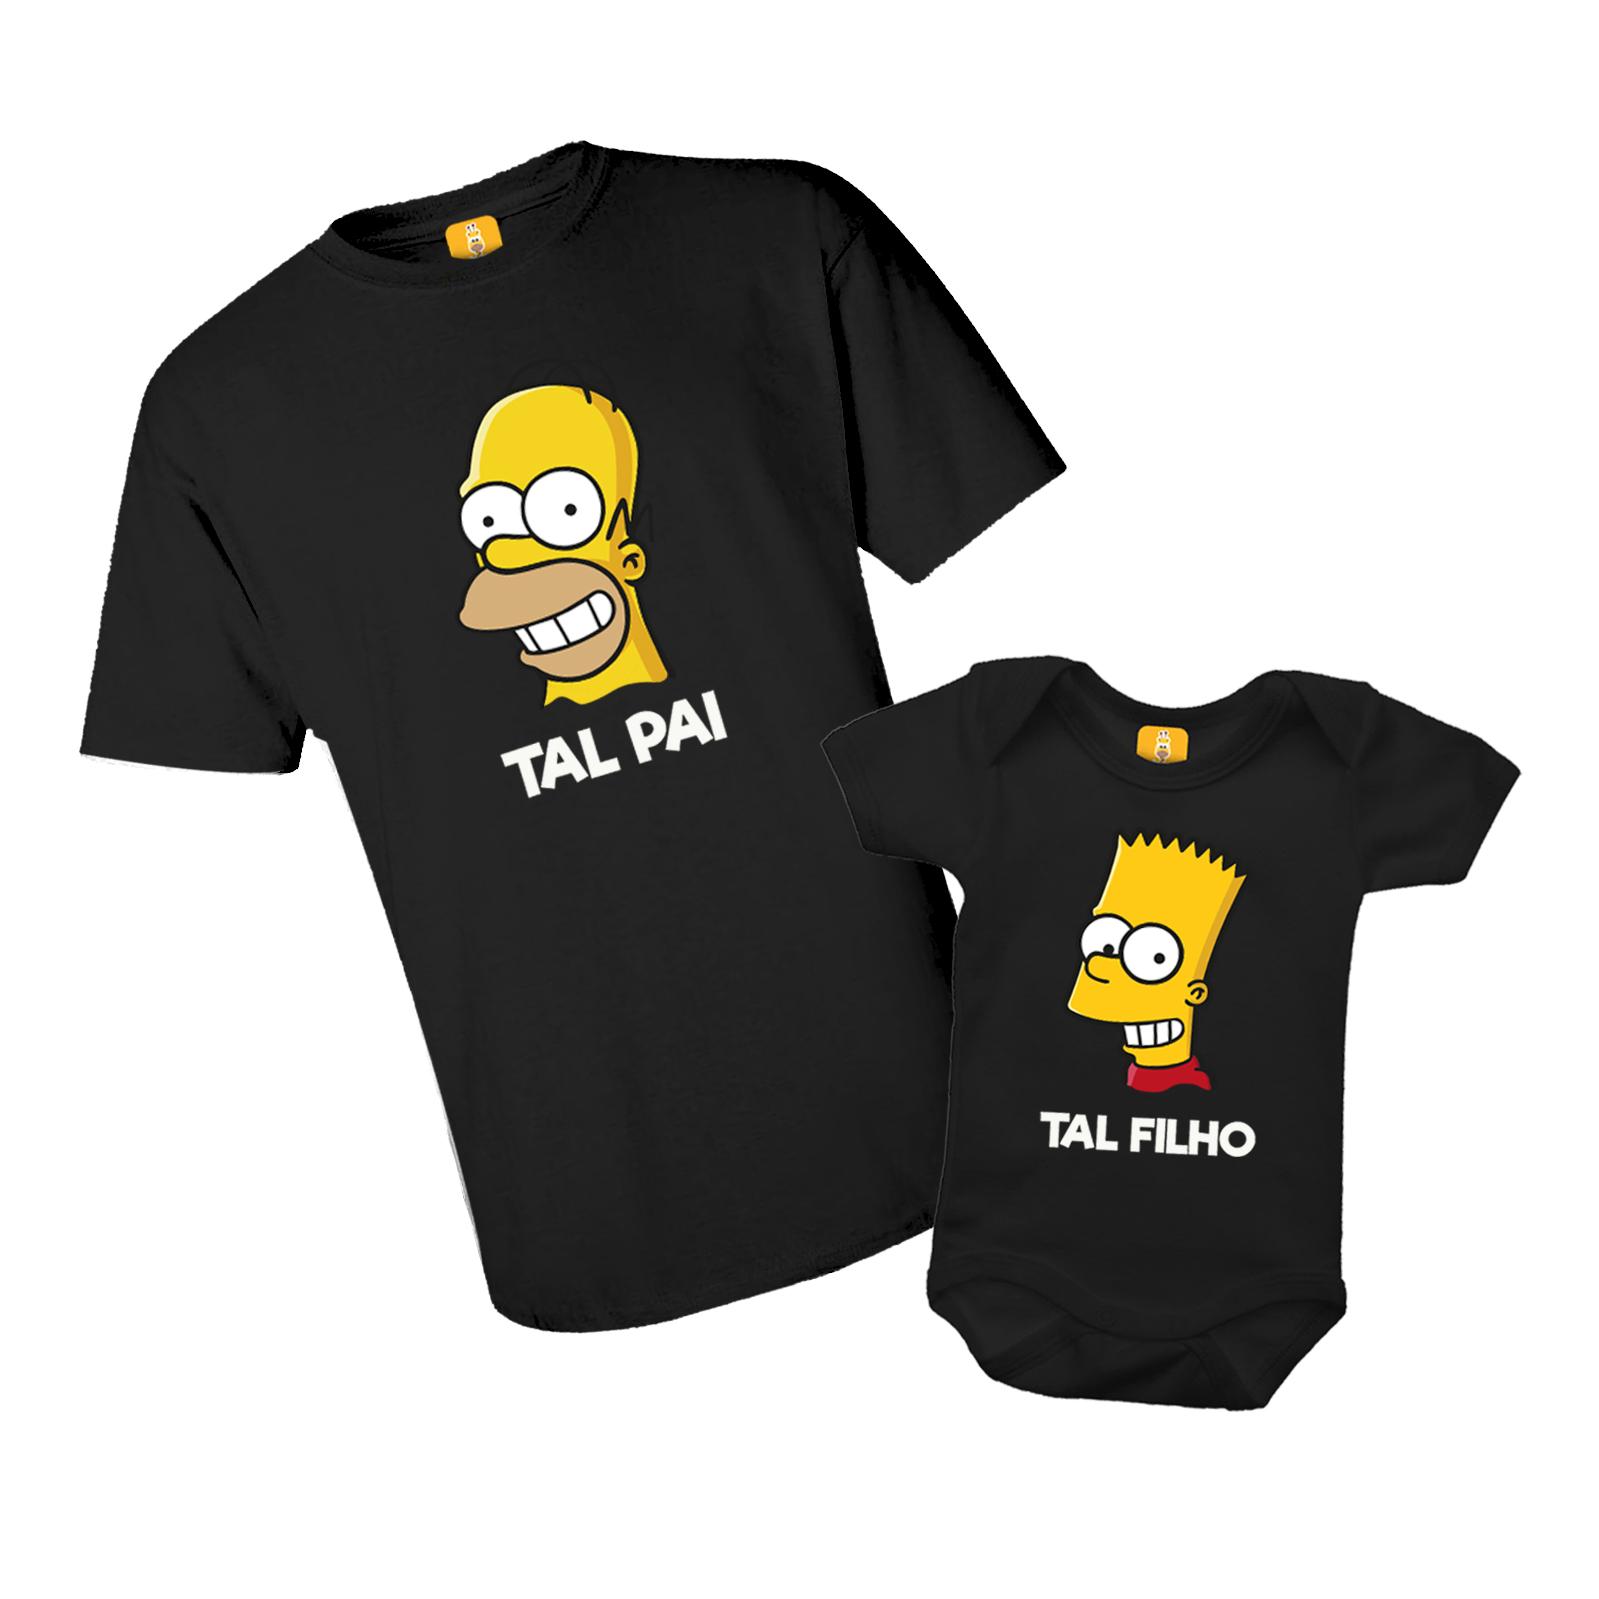 Kit Camiseta e Body - Tal Pai Tal Filho - Simpsons Bart